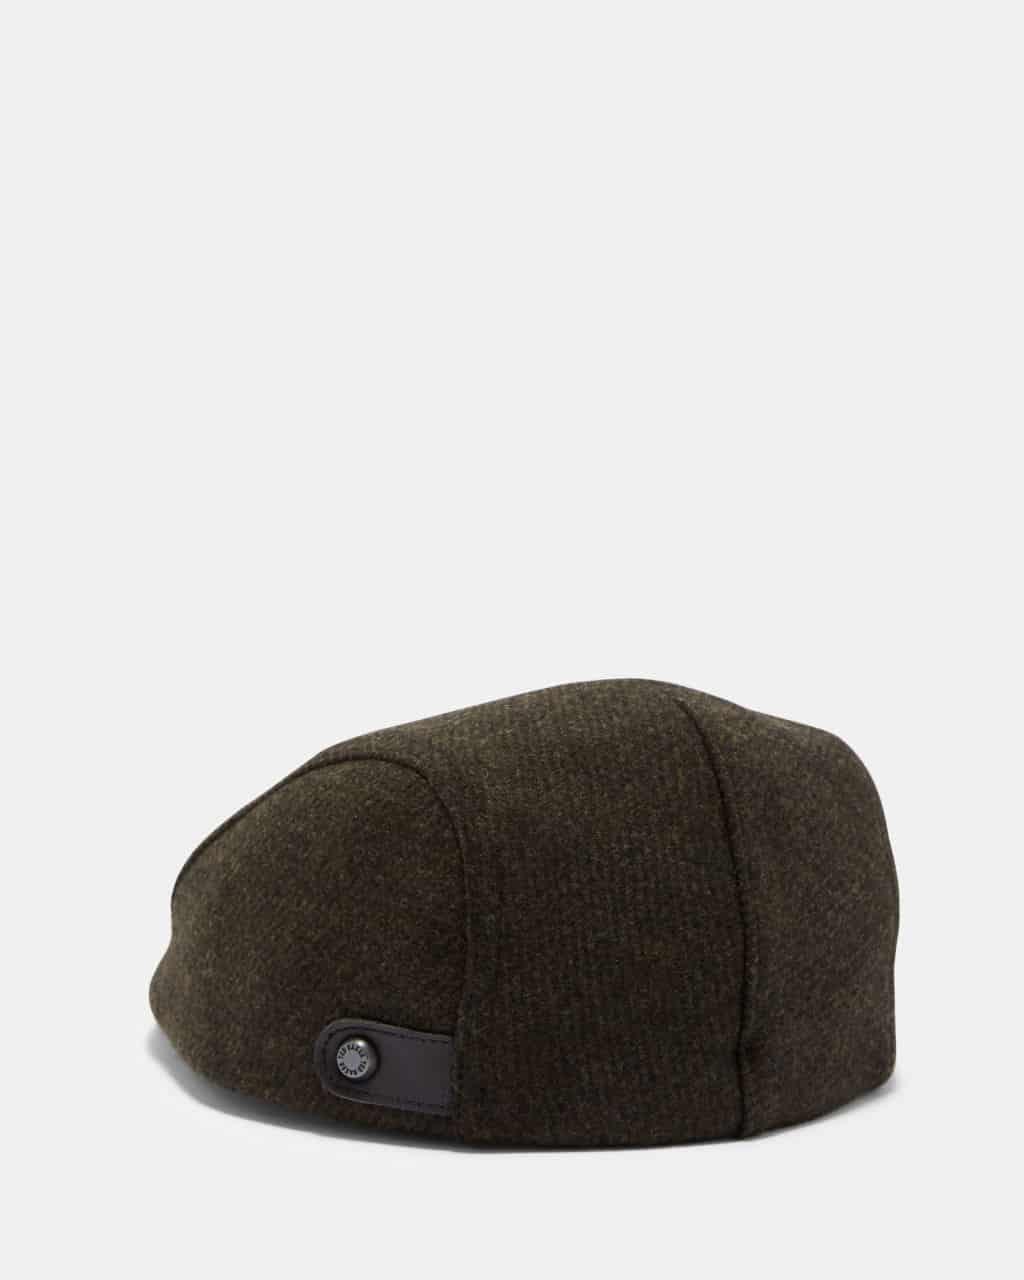 TED BAKER LONDON ENGLISH KHAKI FLAT CAP ca9d773e8e19